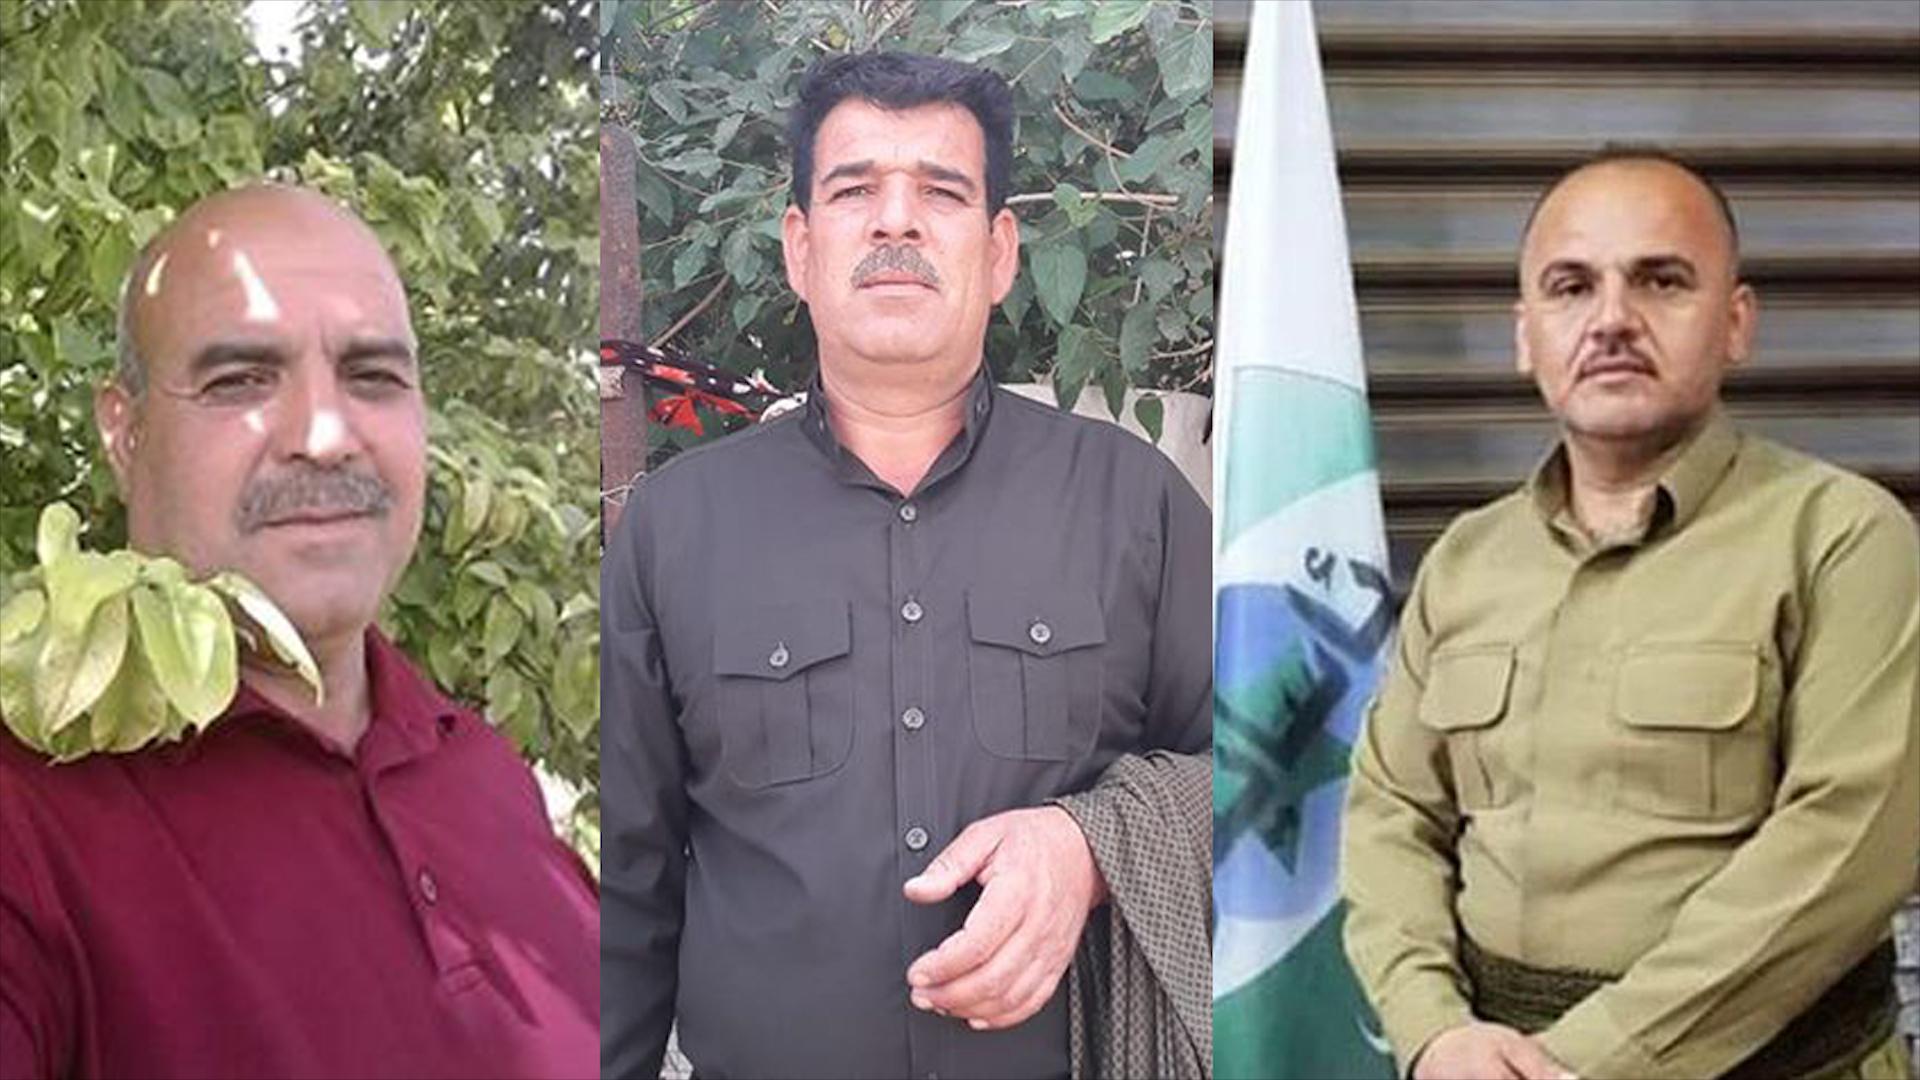 Photo of Êrişên DAIŞ'ê li ser Başûrê Kurdistan di êrişê de yek jî rêveber 3 endamên asayîşa kifrî şehîd bûn